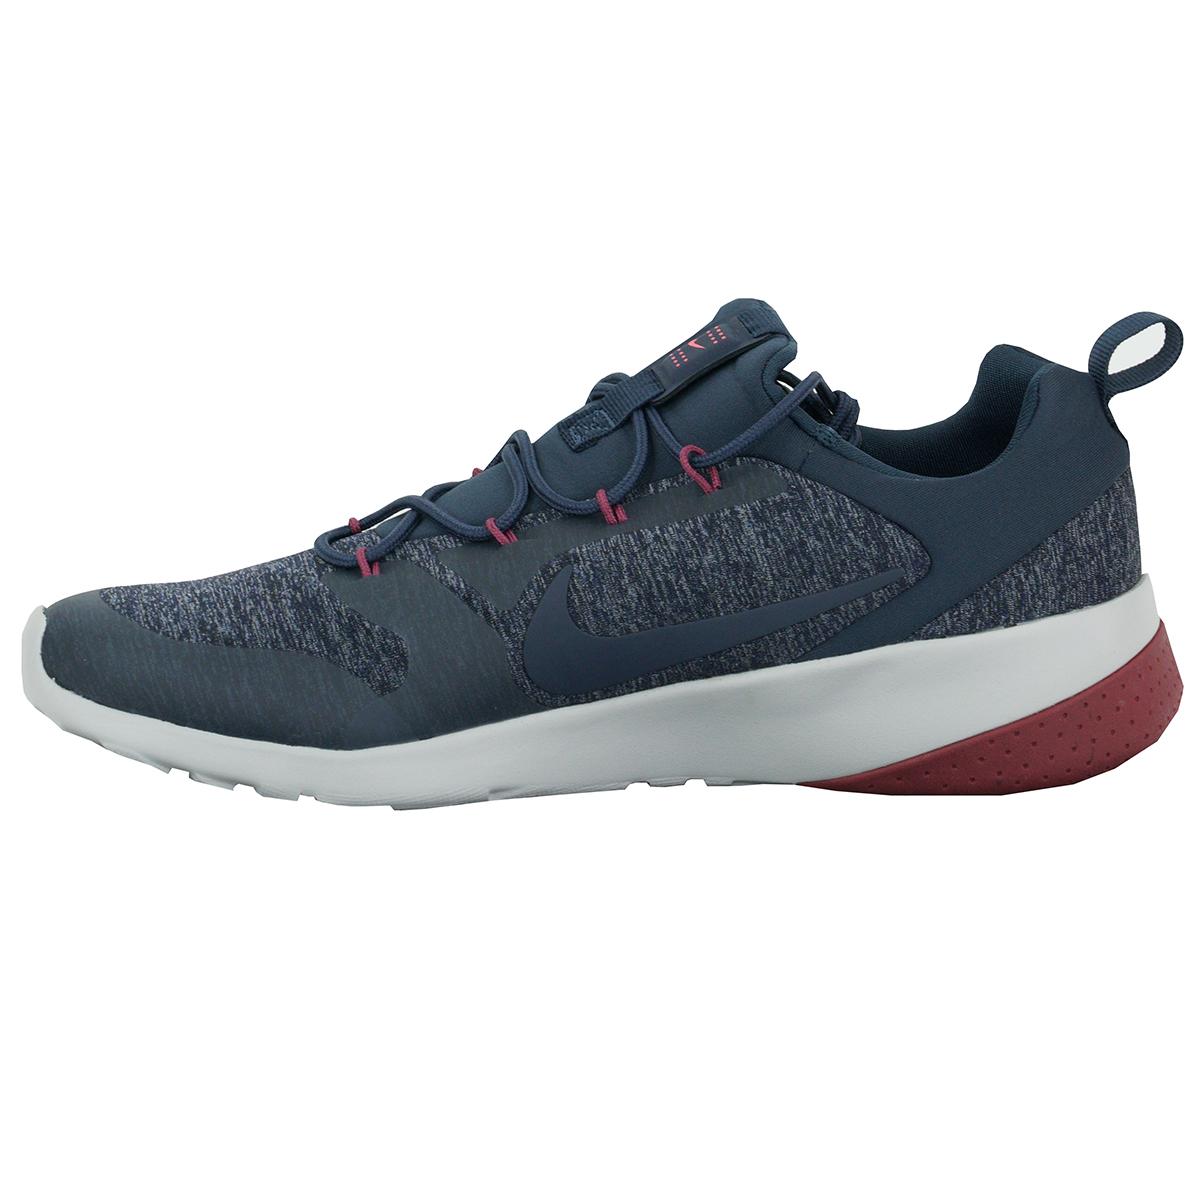 Nike-Men-039-s-CK-Racer-Shoes thumbnail 13